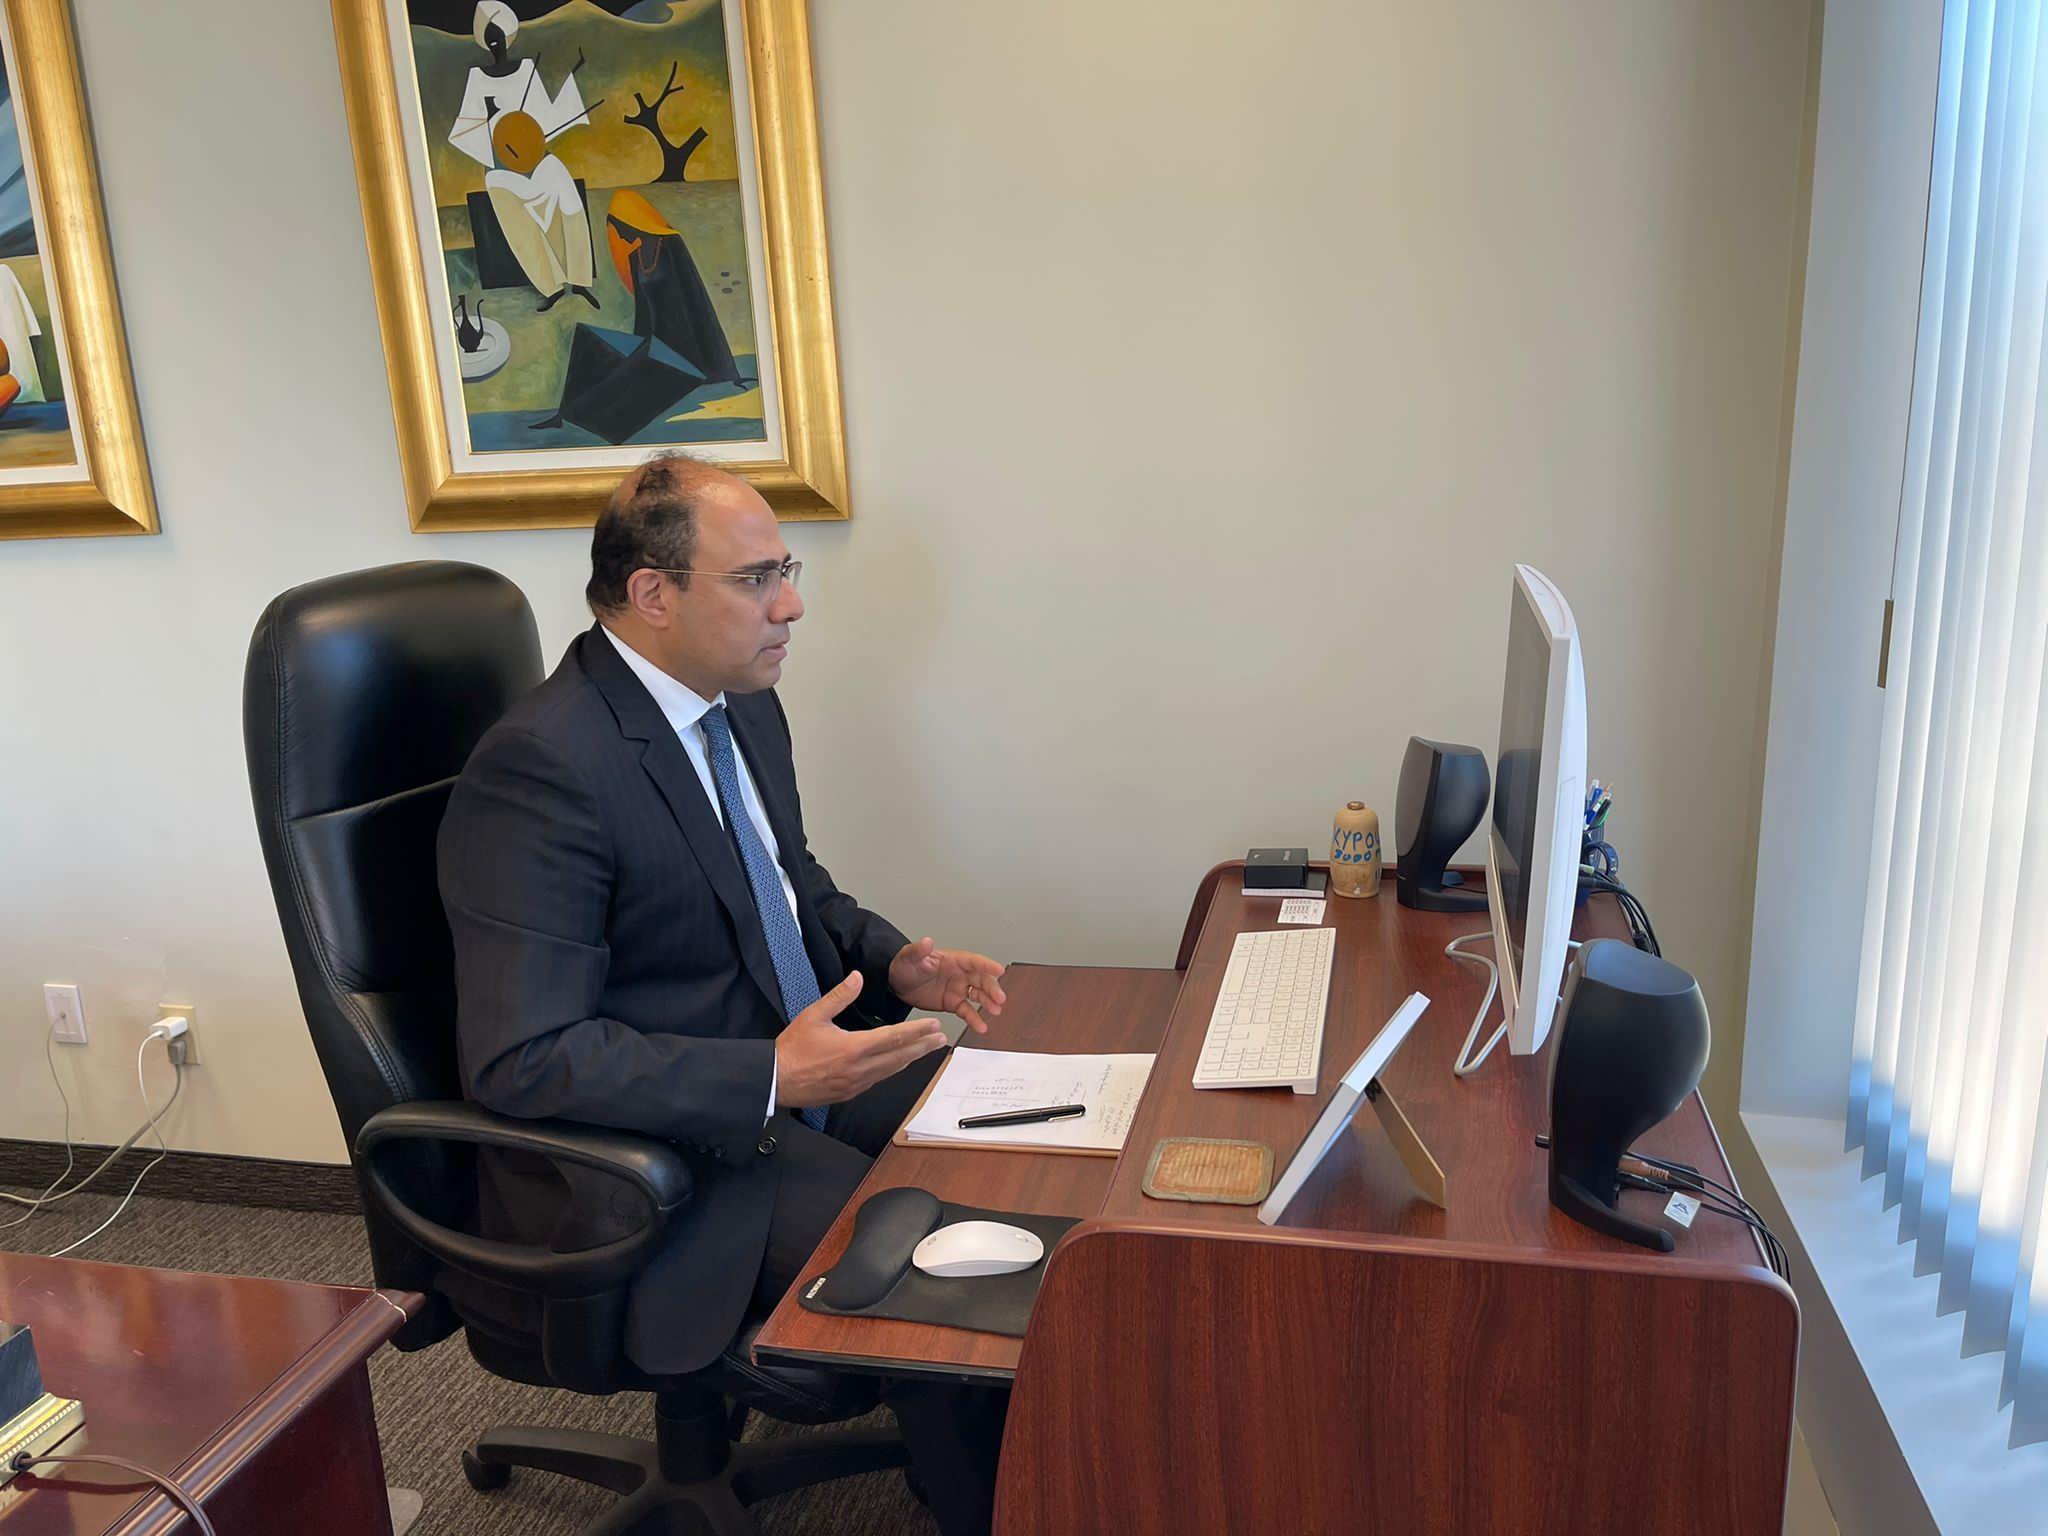 سفير مصر فى كندا في لقاءات مع أعضاء البرلمان الكندى بشأن سد النهضة